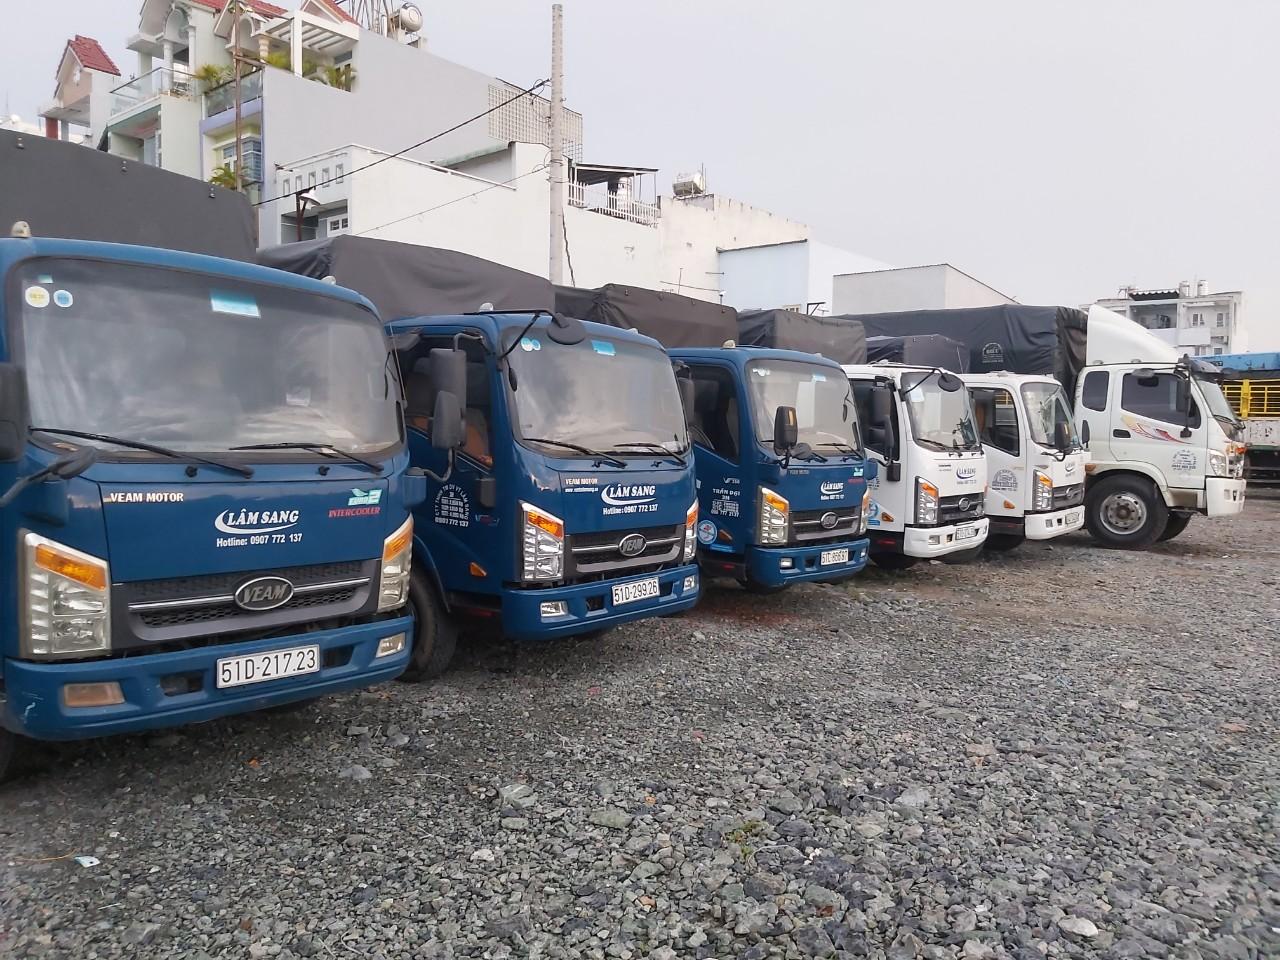 thuê xe taxi tải chở hàng quận 8